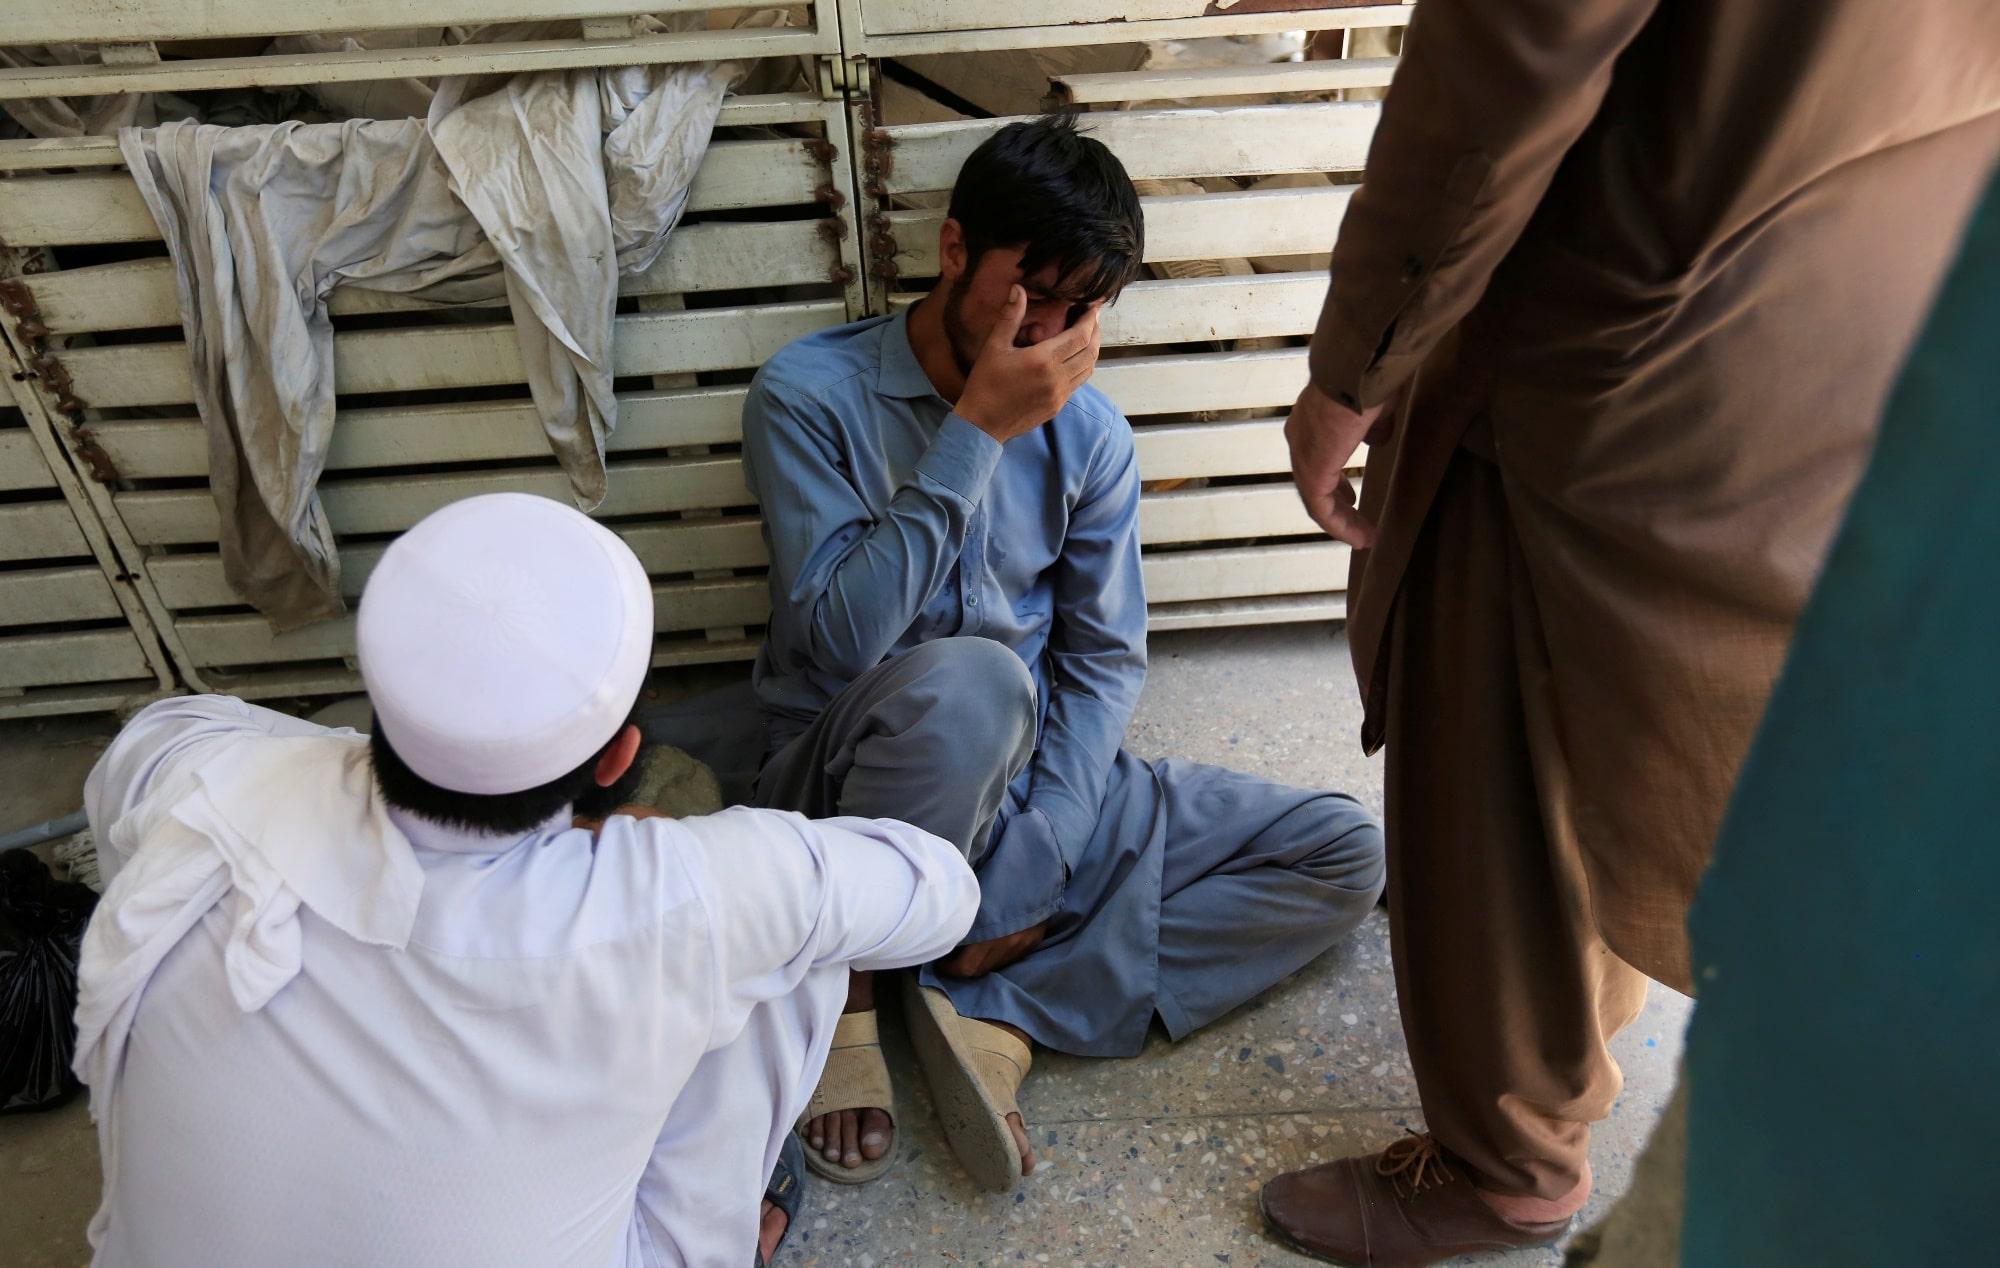 Muž truchlí nad ztrátou svého bratra, který se podílel na očkovacím programu